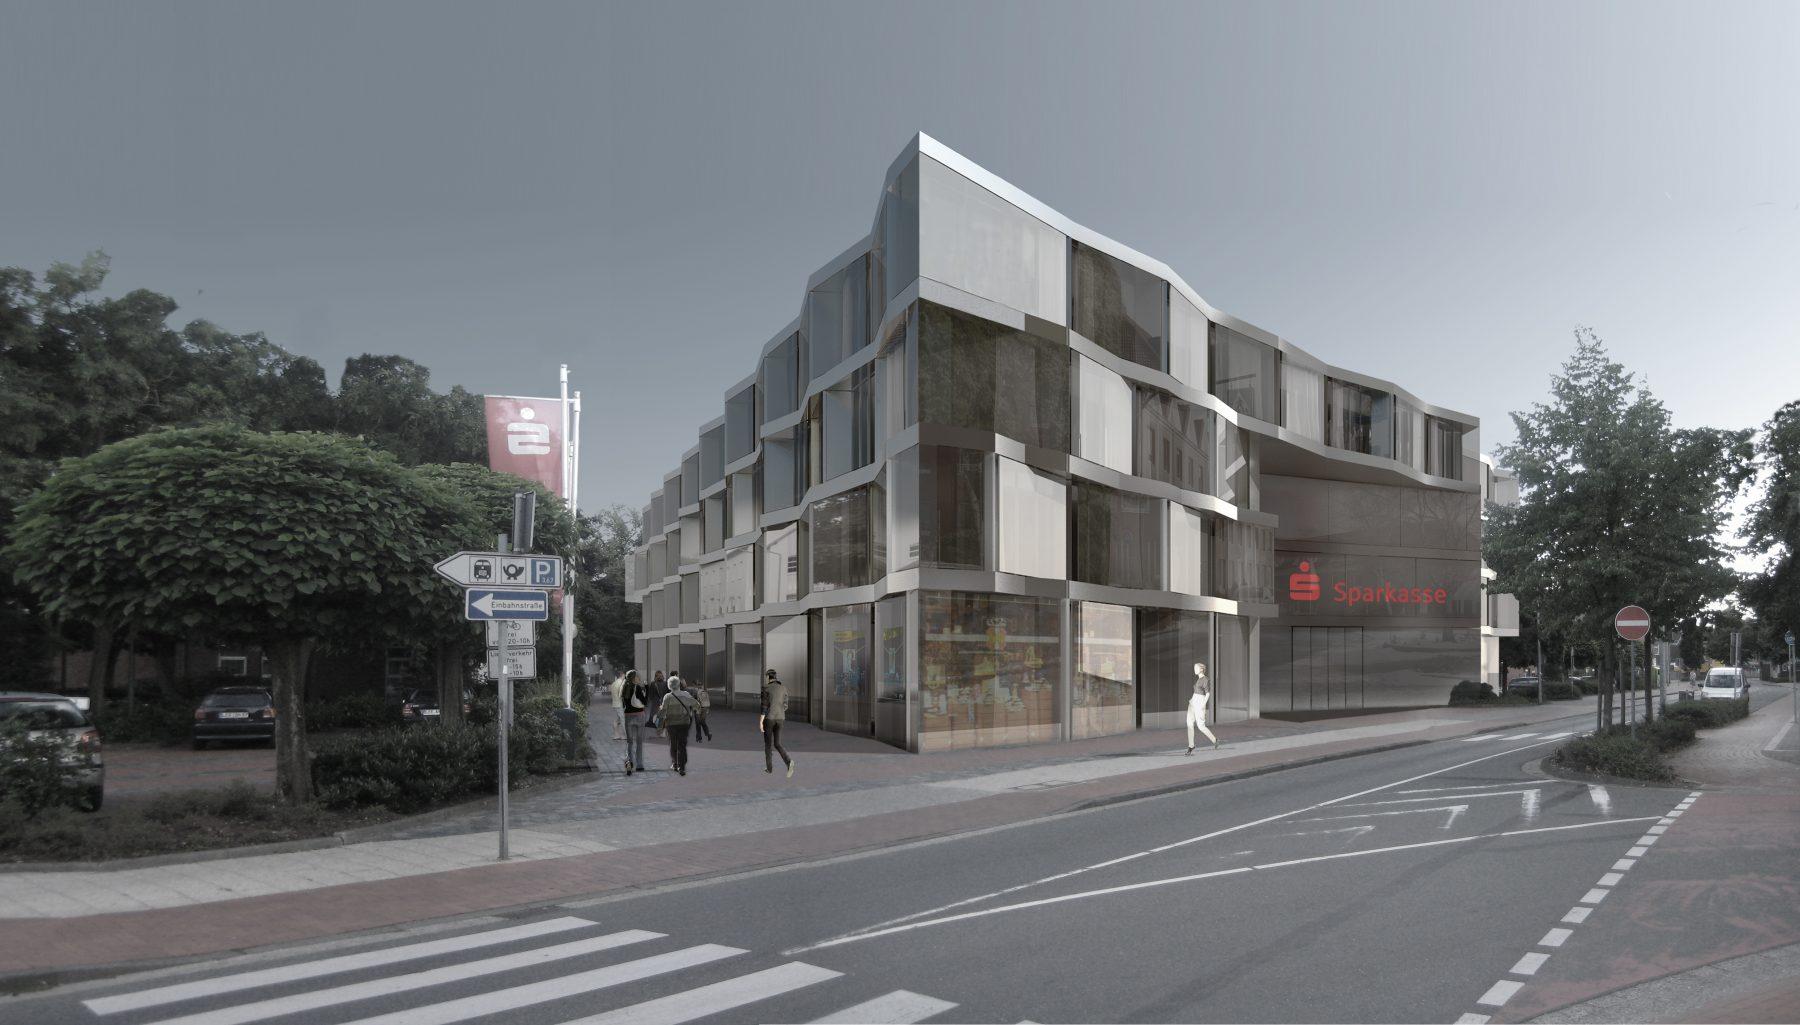 Sparkasse leer wittmund bundschuh architekten - Architekturburo berlin ...